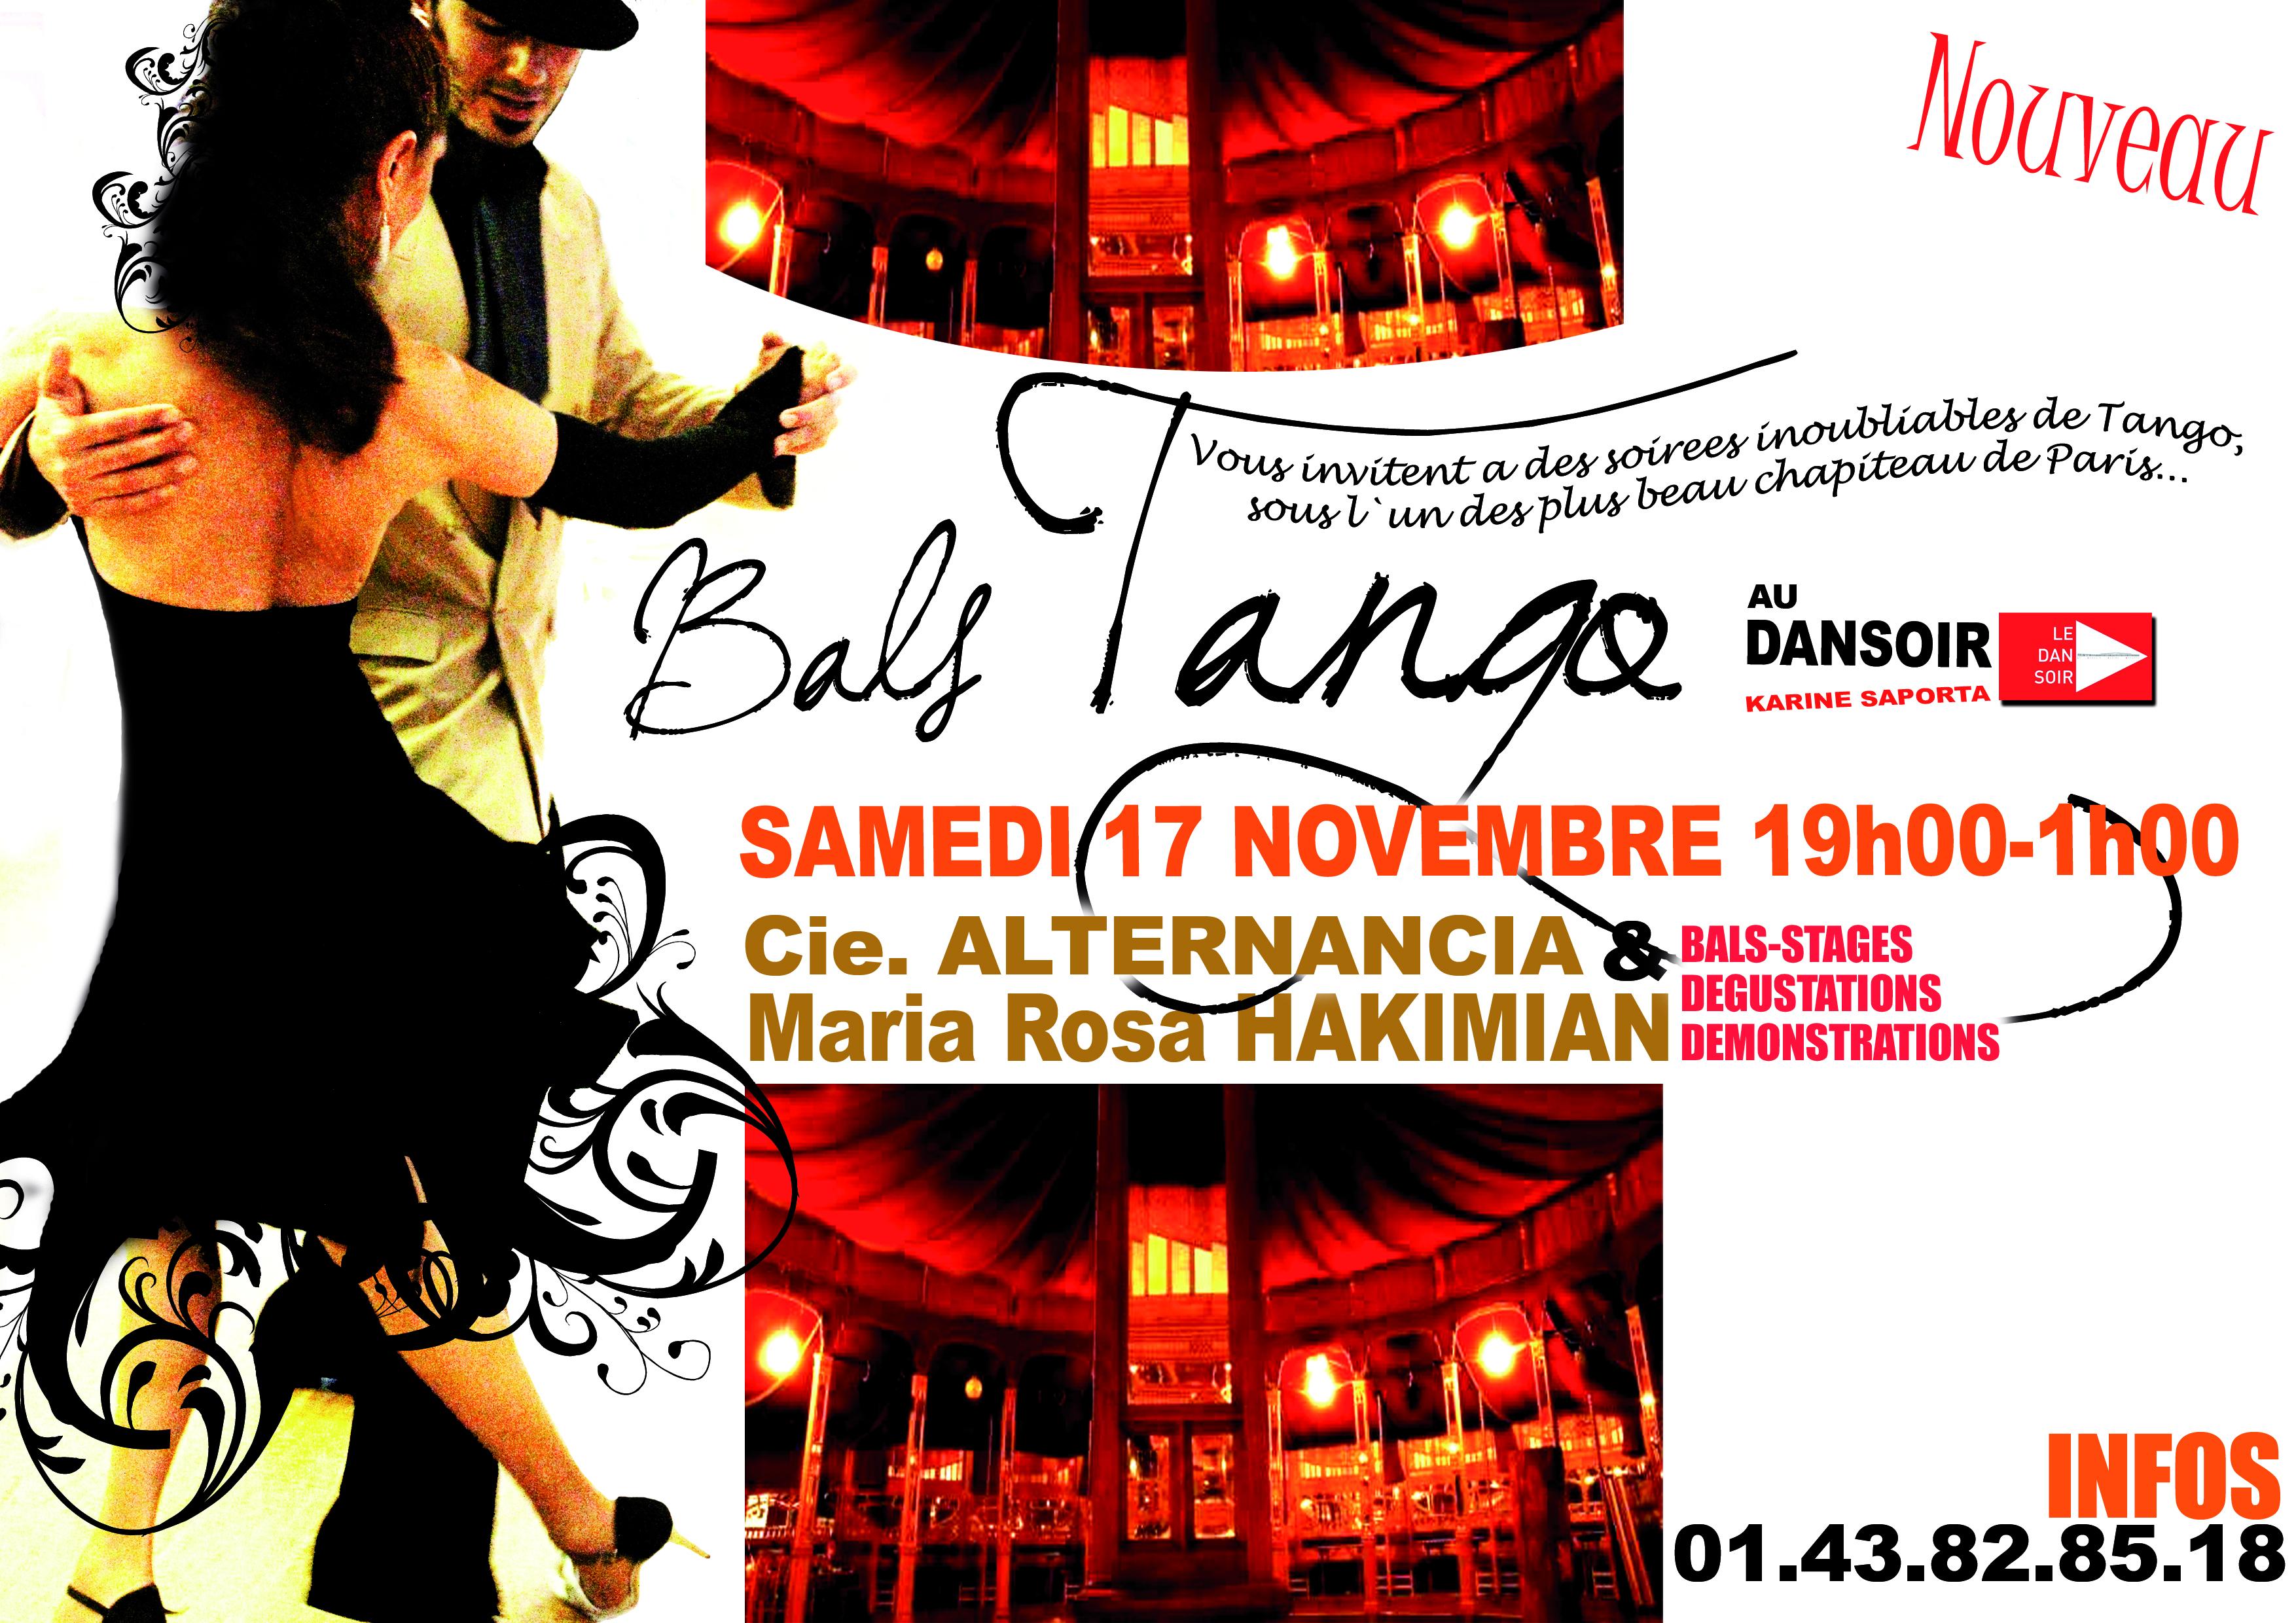 Bals Tango au Dansoir